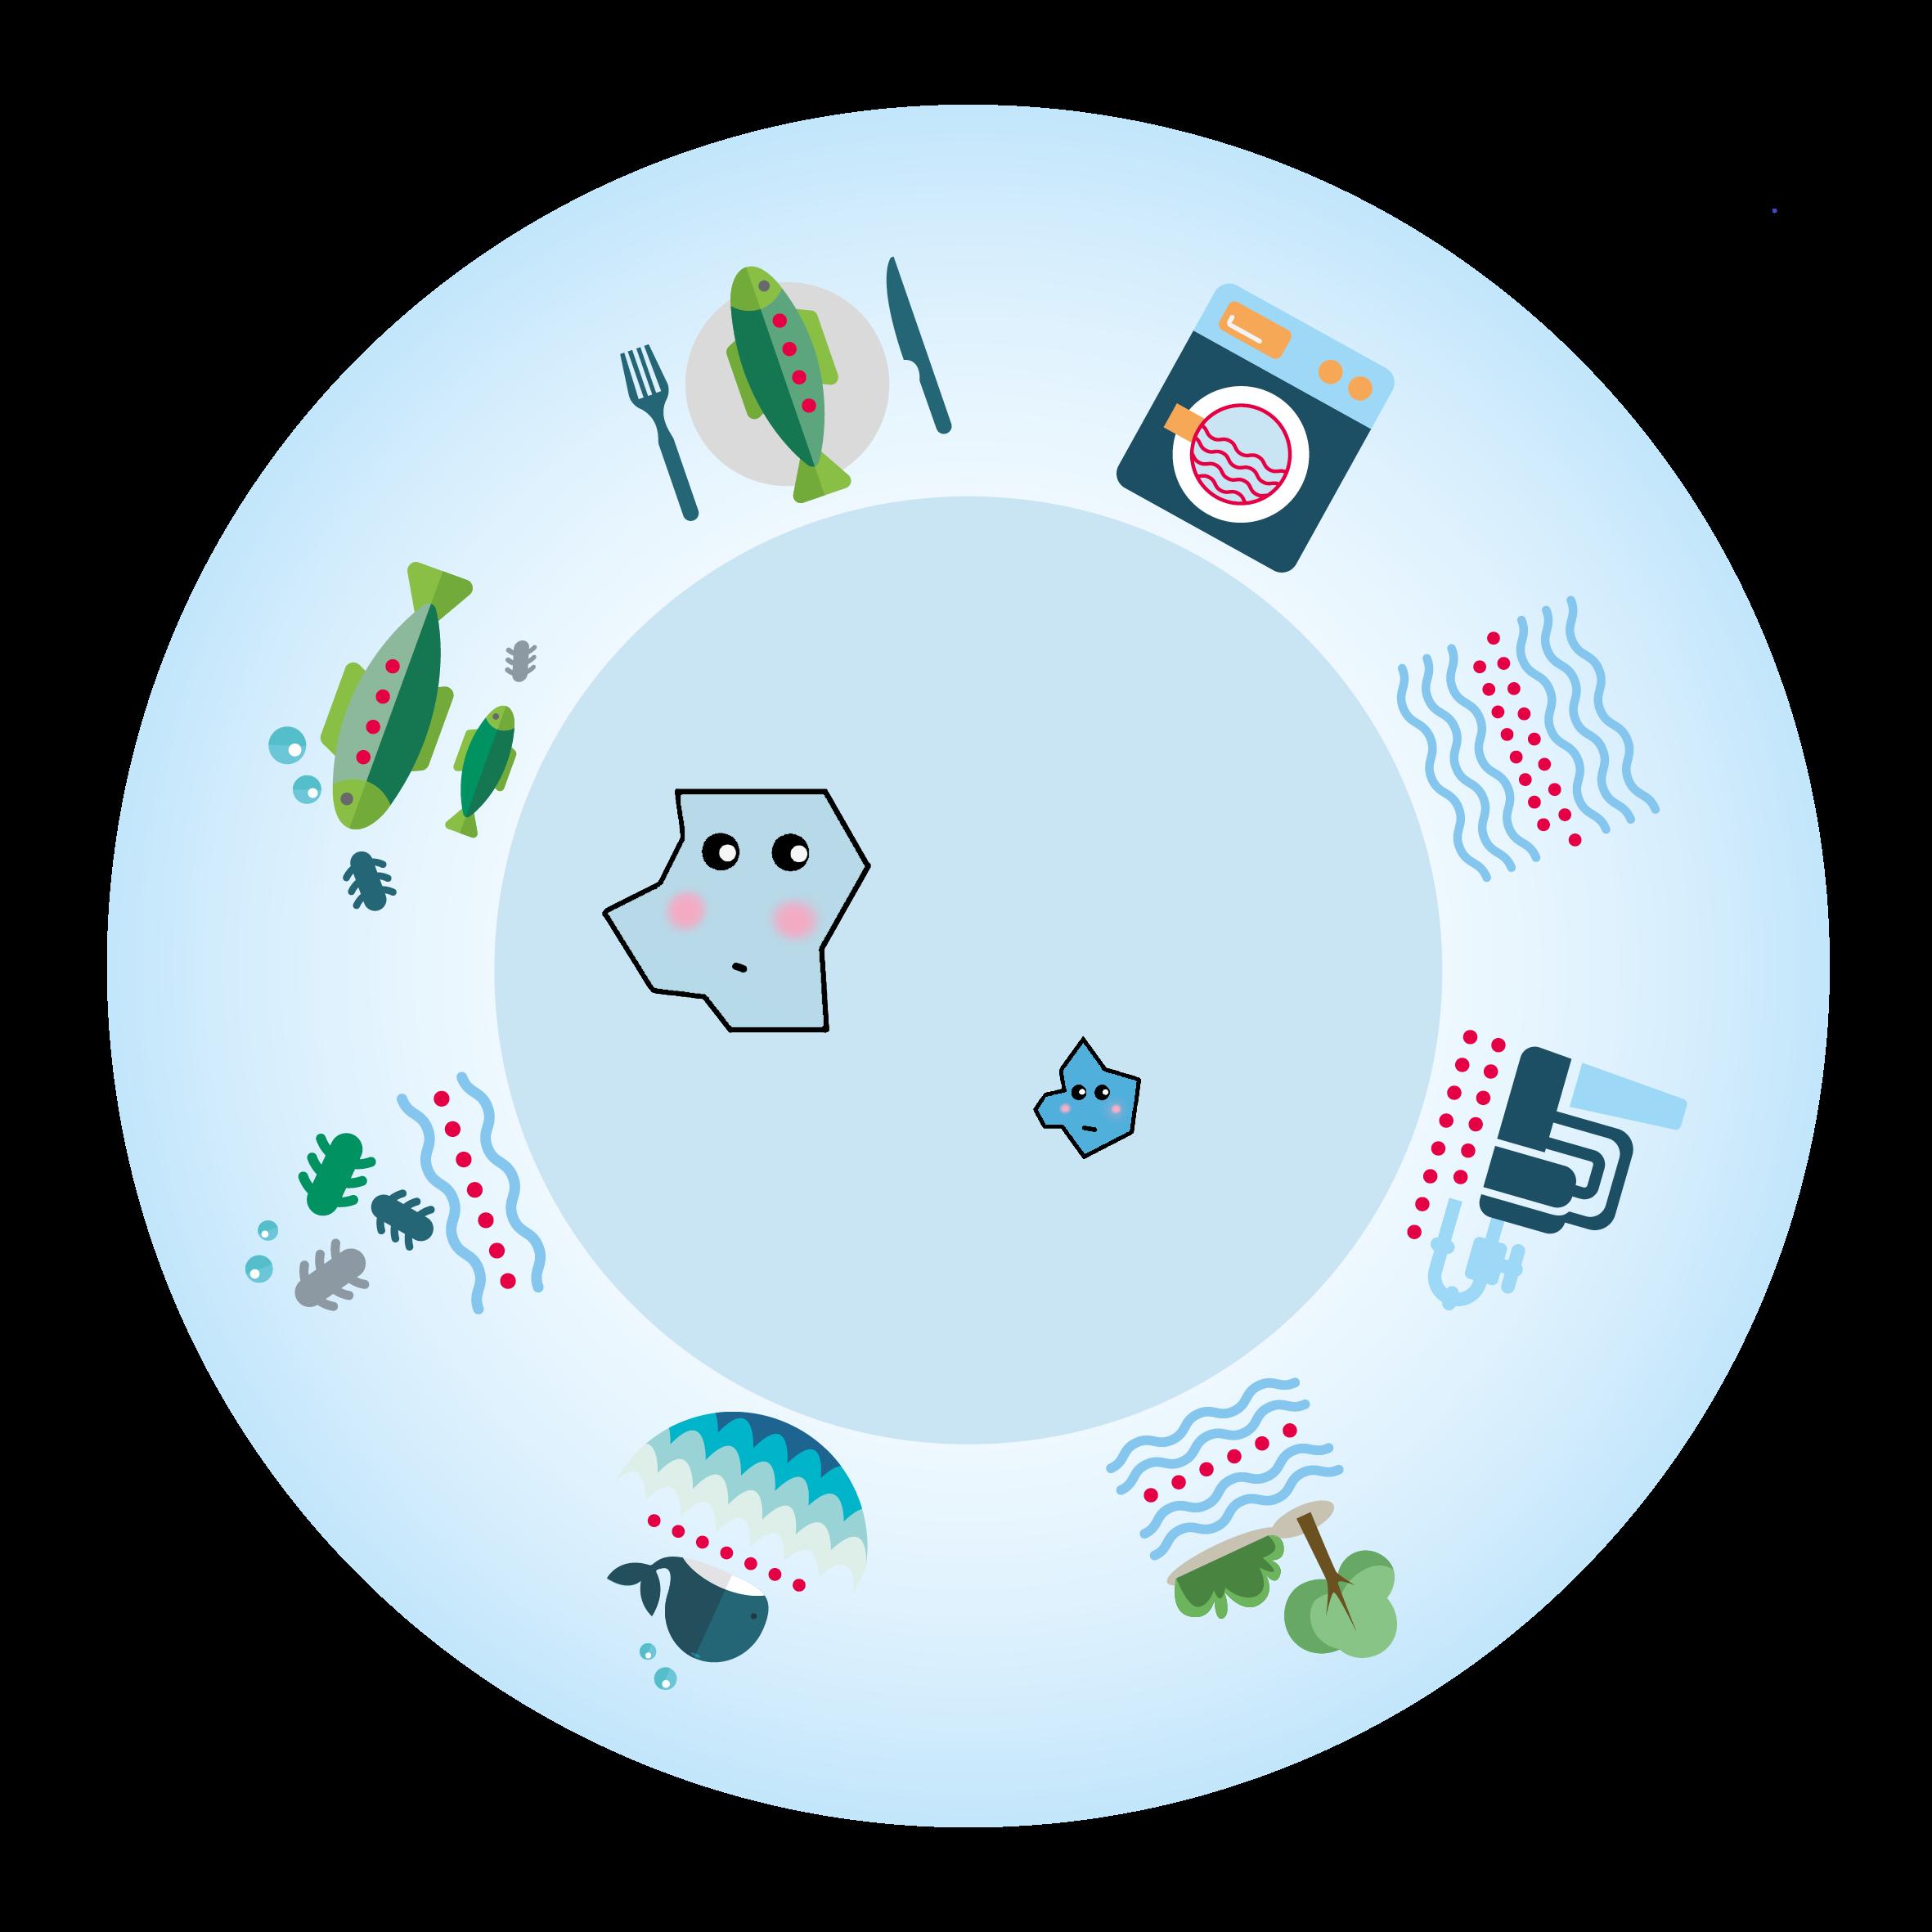 MAxi und Charlie, Mikroplastikpartikel auf dem Weg in unsere Nahrungskette